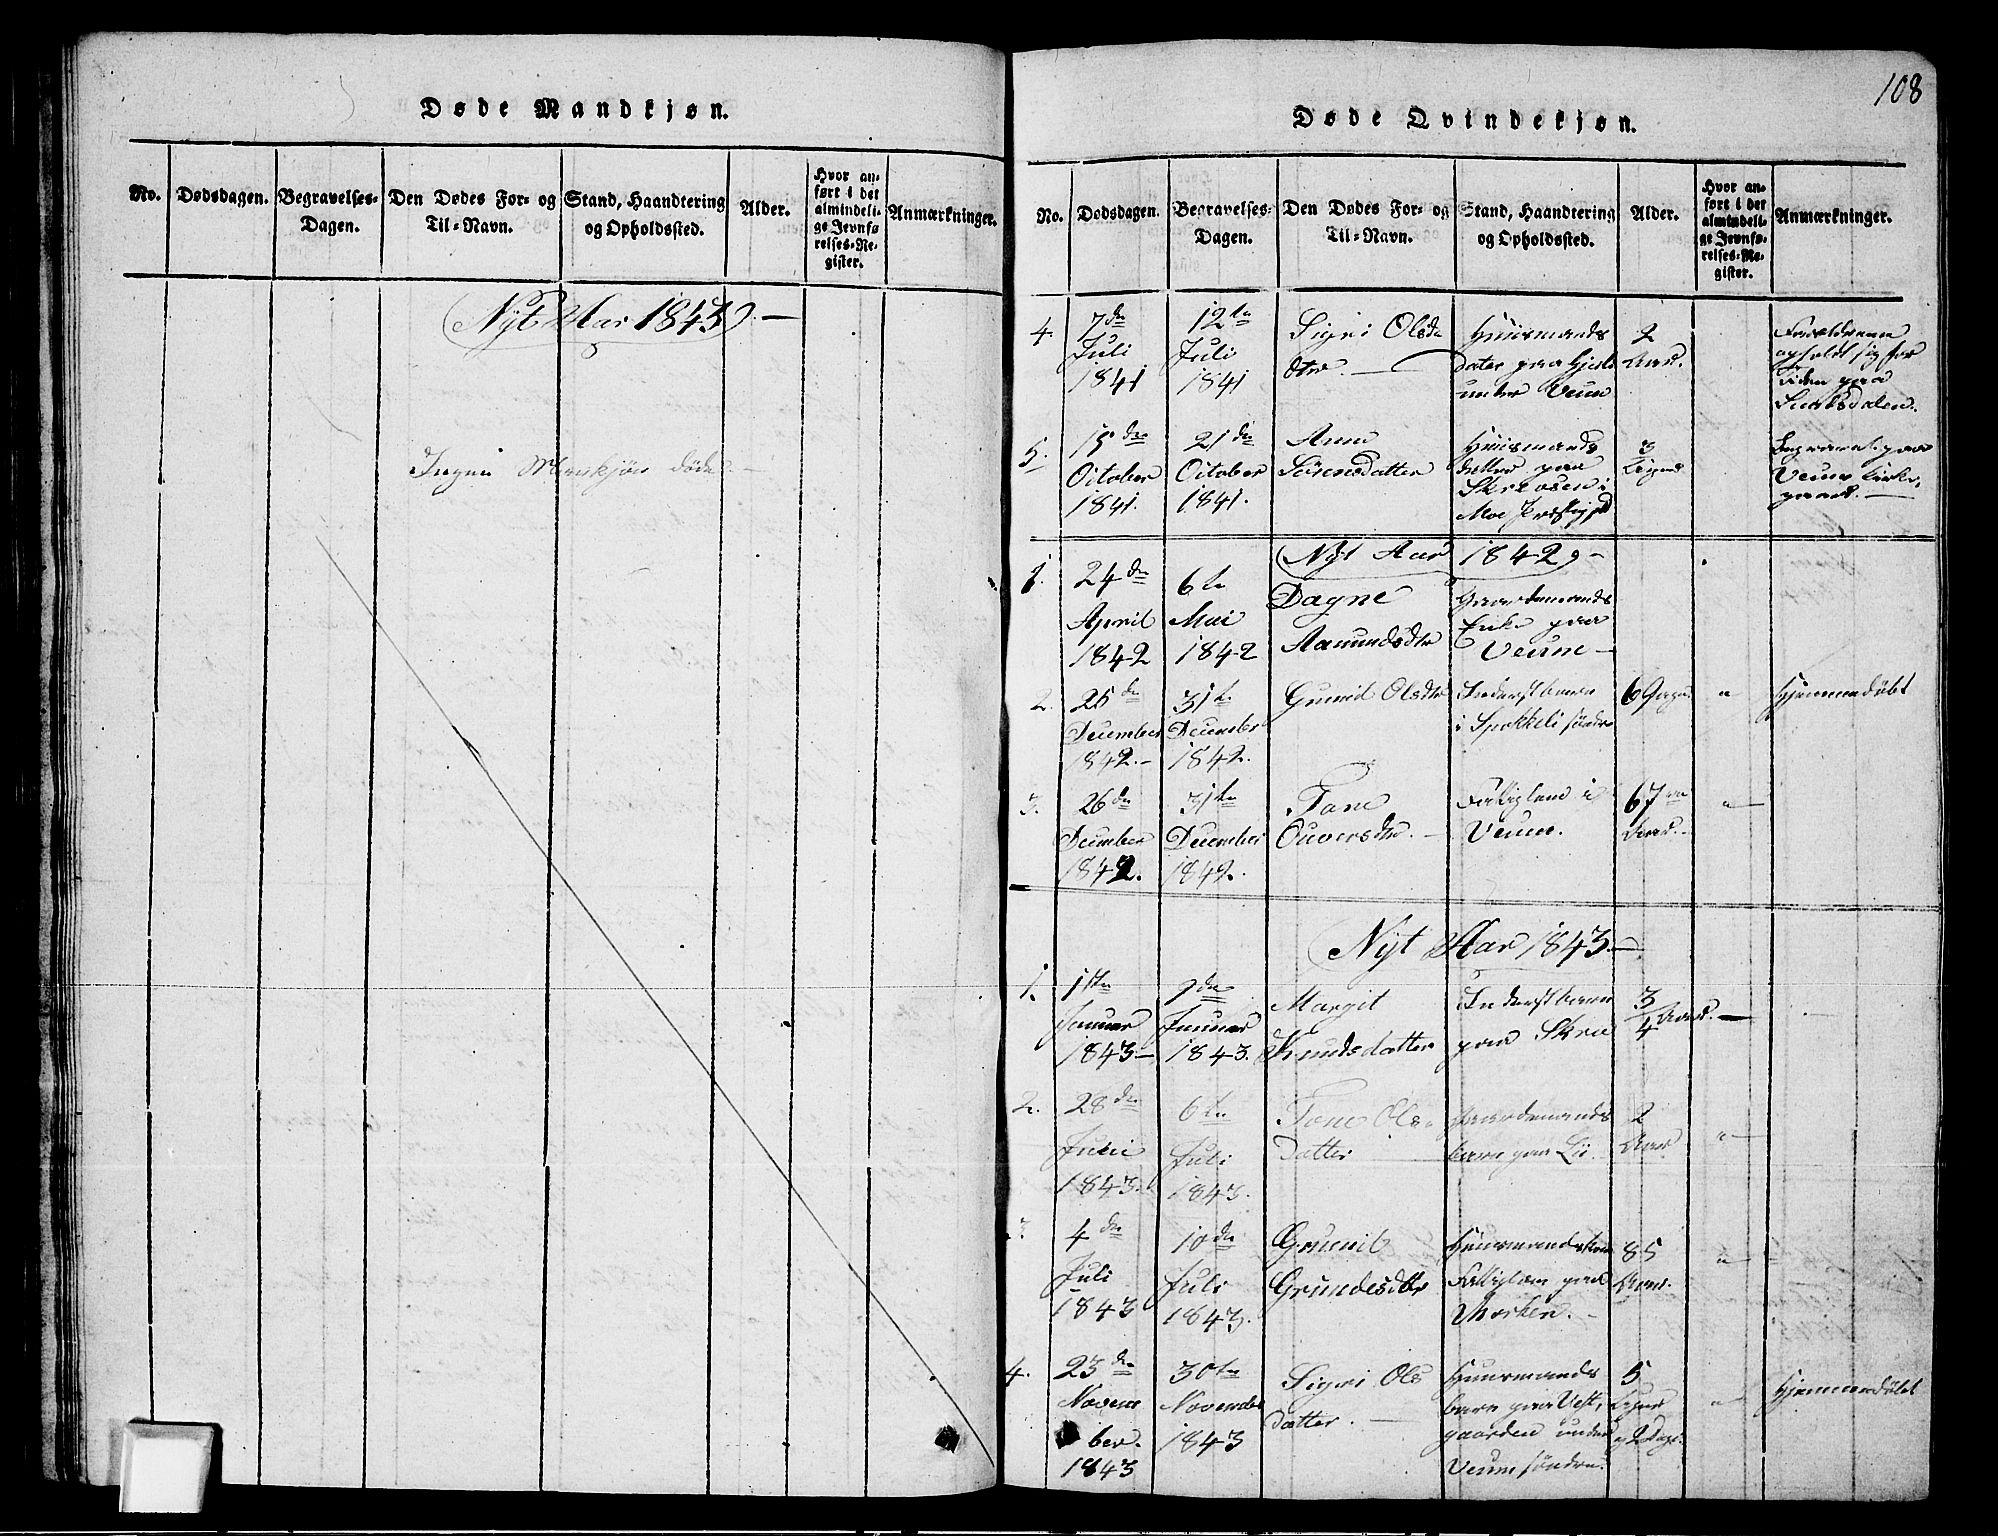 SAKO, Fyresdal kirkebøker, G/Ga/L0003: Klokkerbok nr. I 3, 1815-1863, s. 108